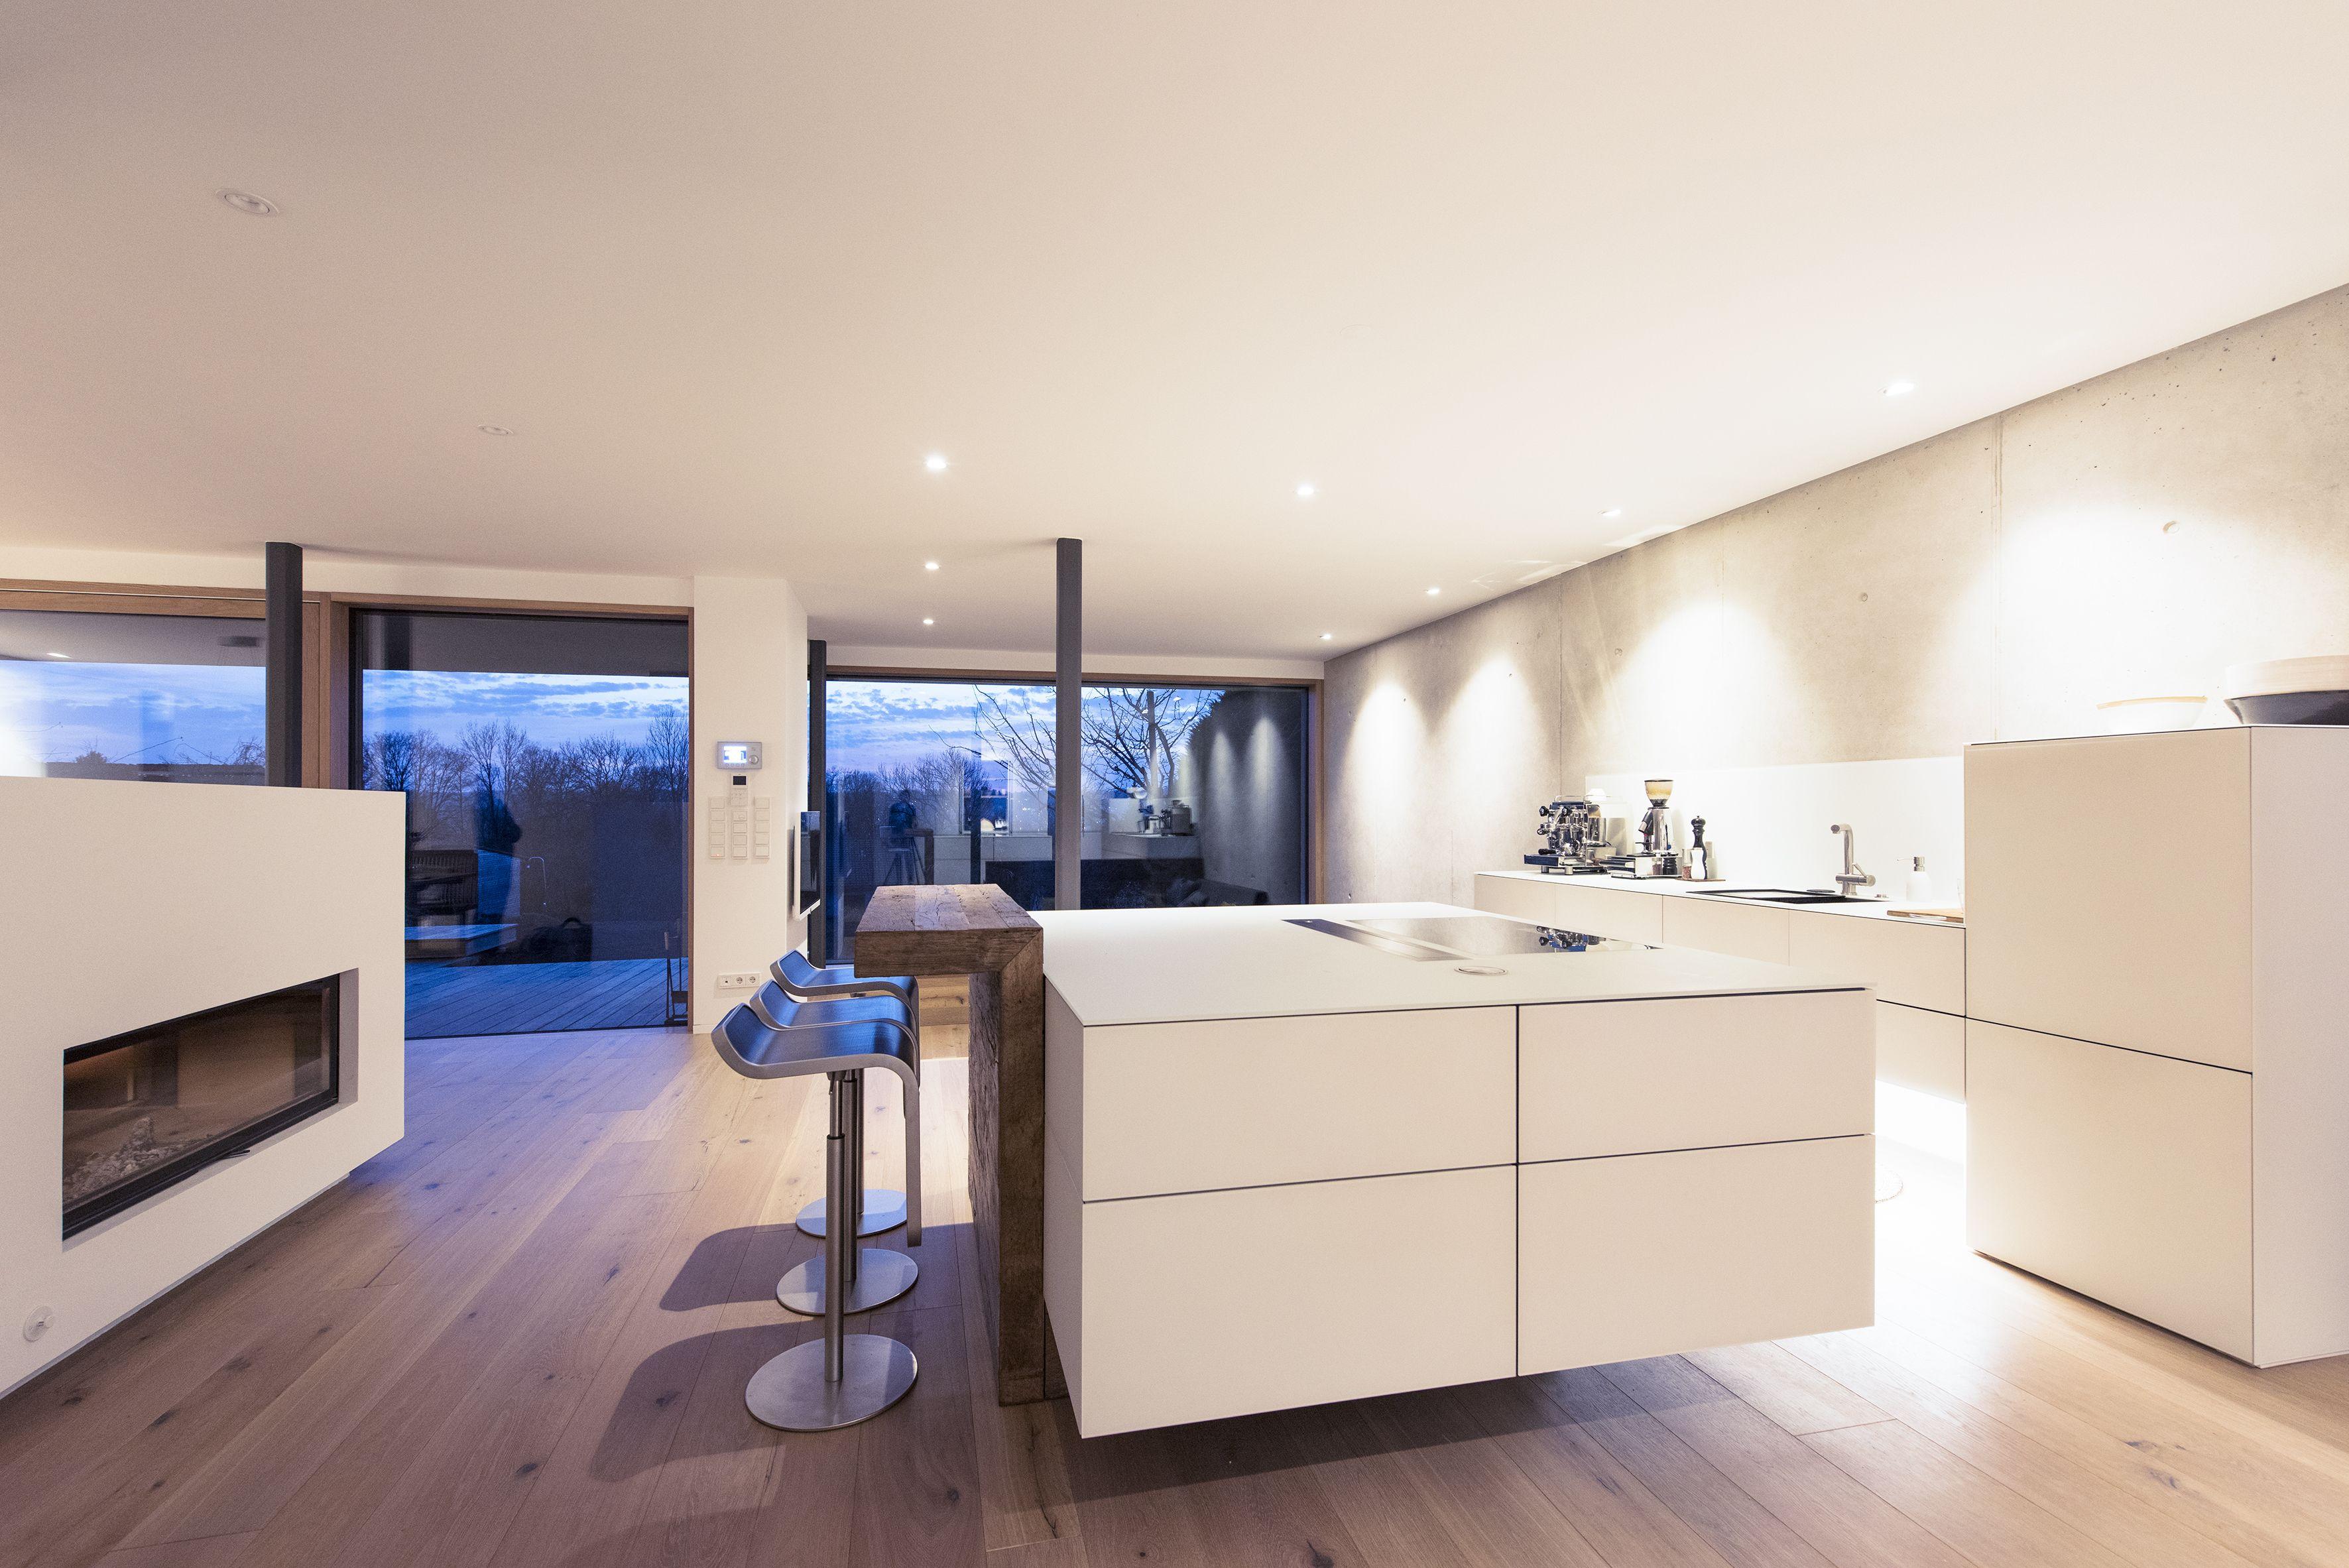 Penthouse Wohnung in München mit tollem Design | Immobilien ab 1 Mio ...